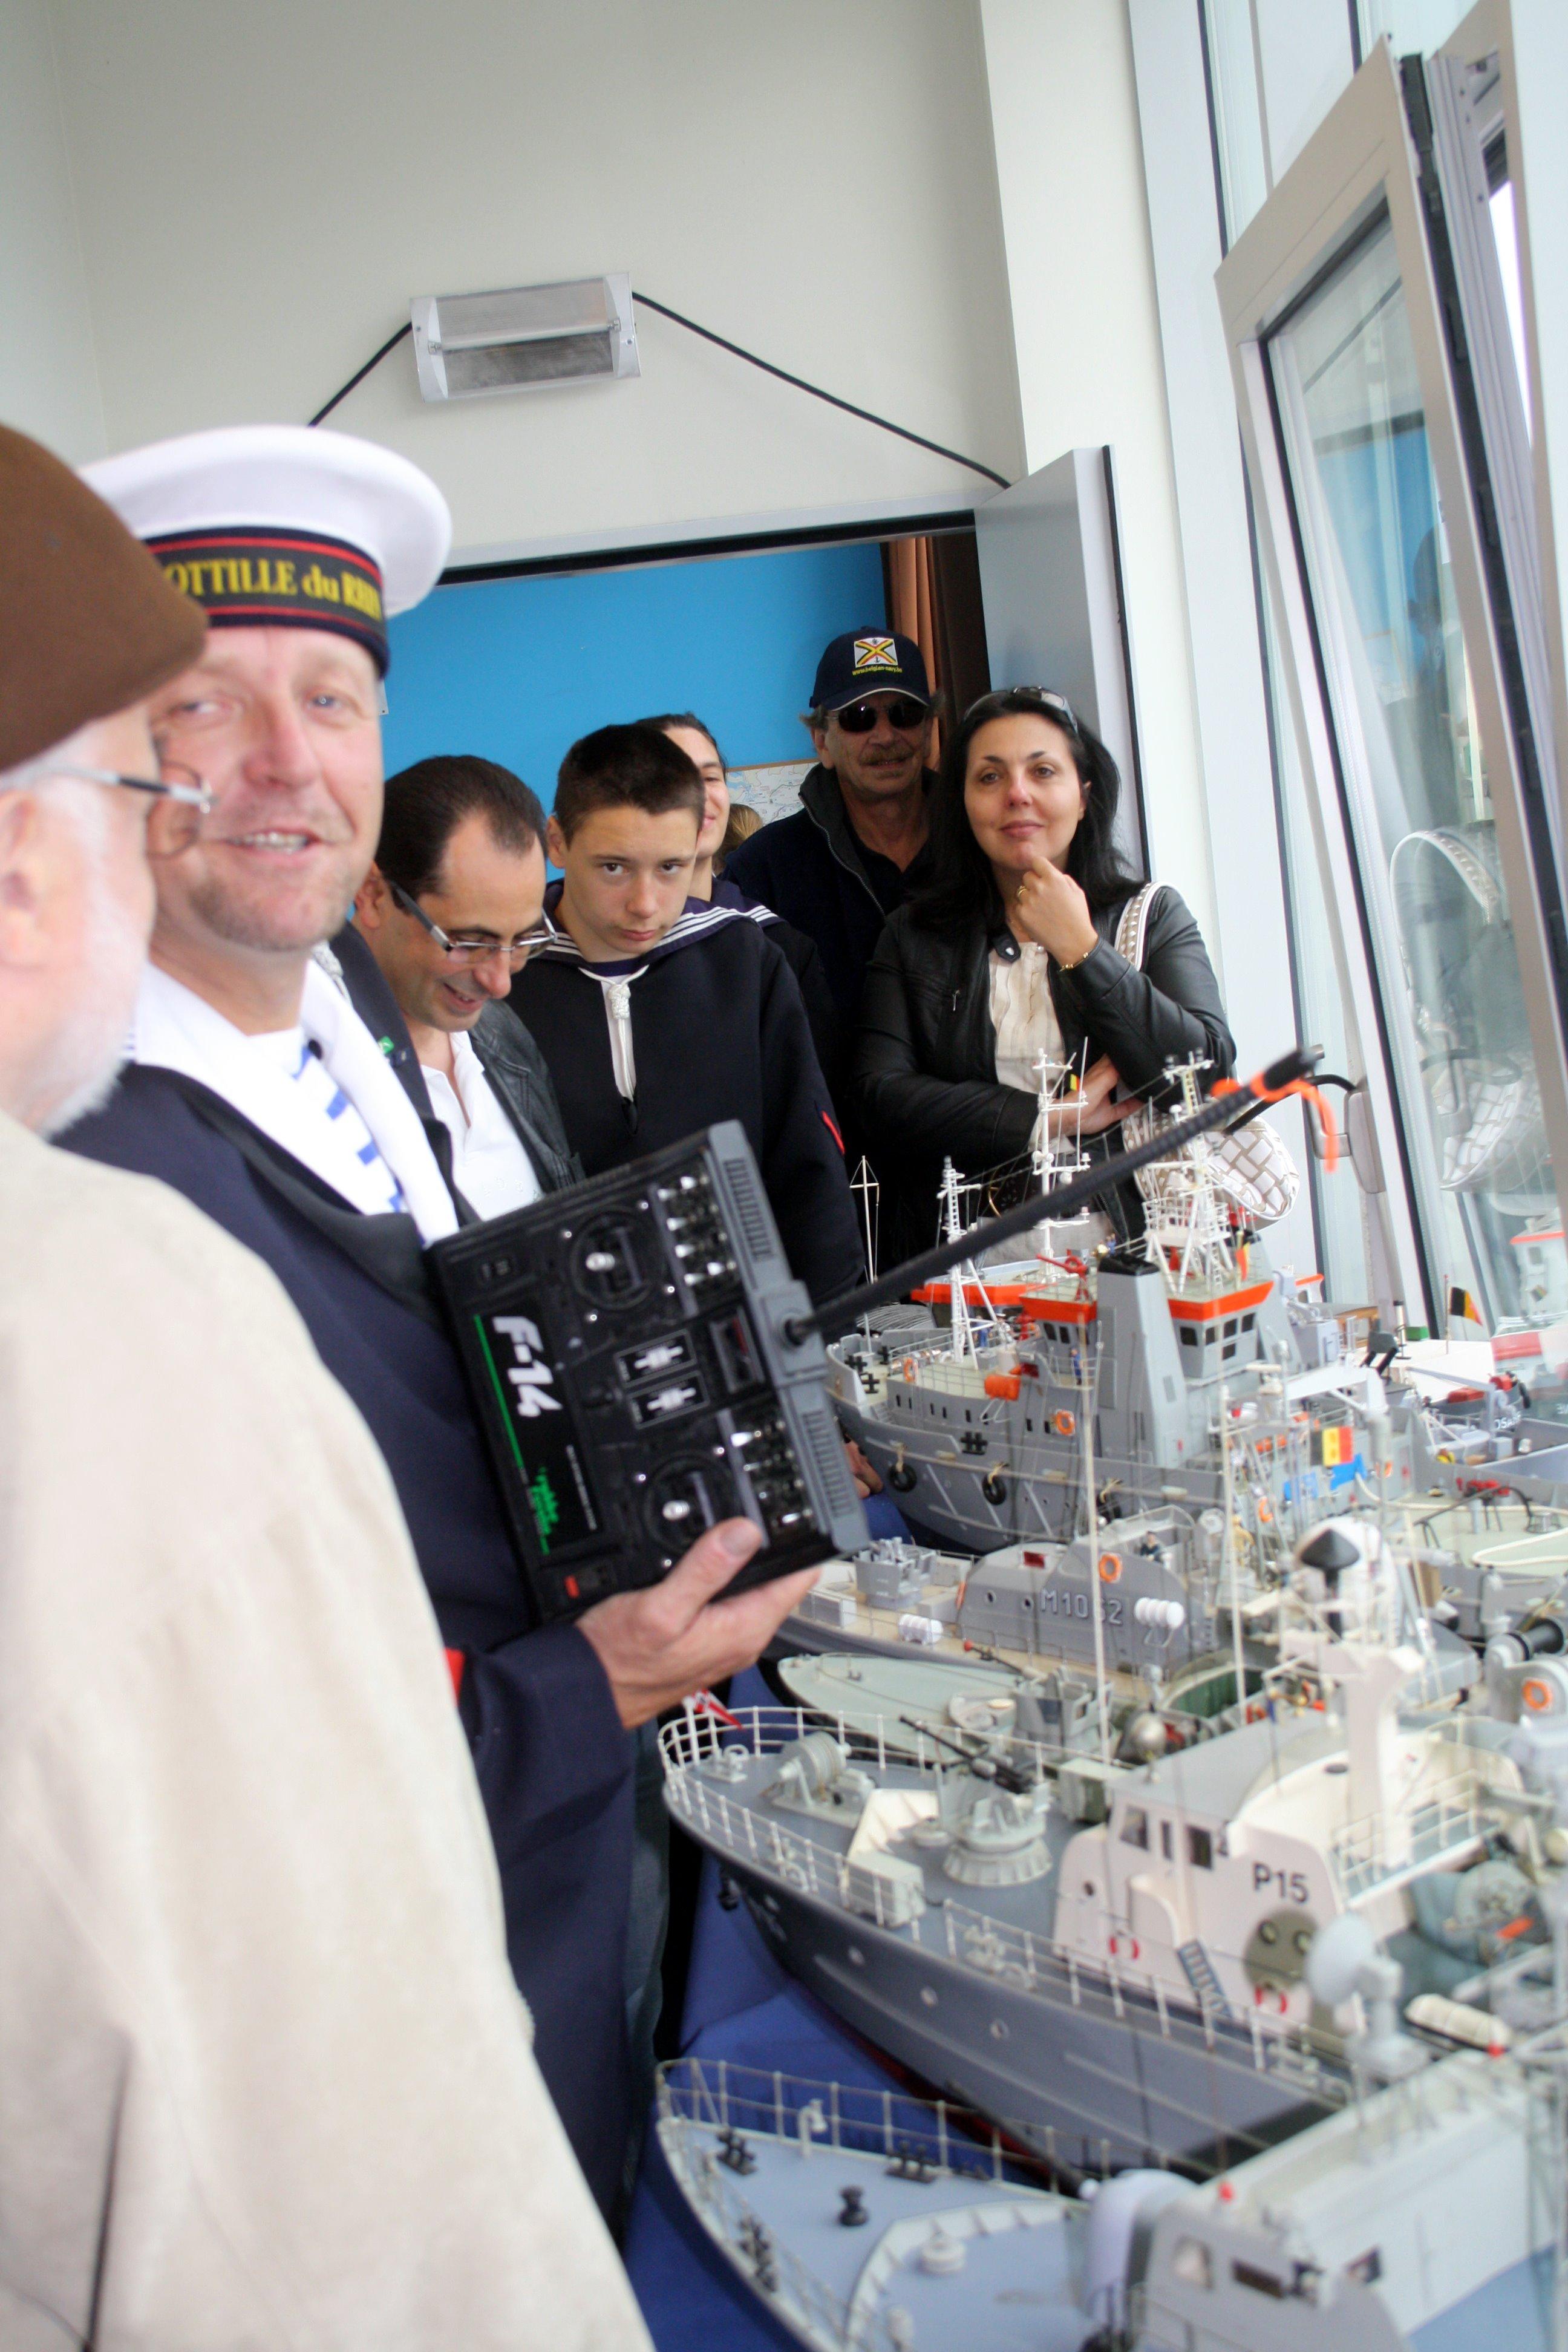 Fastes des Cadets de Marine à Bruxelles le 18/06/2011 - Page 13 1106200556361095838354781